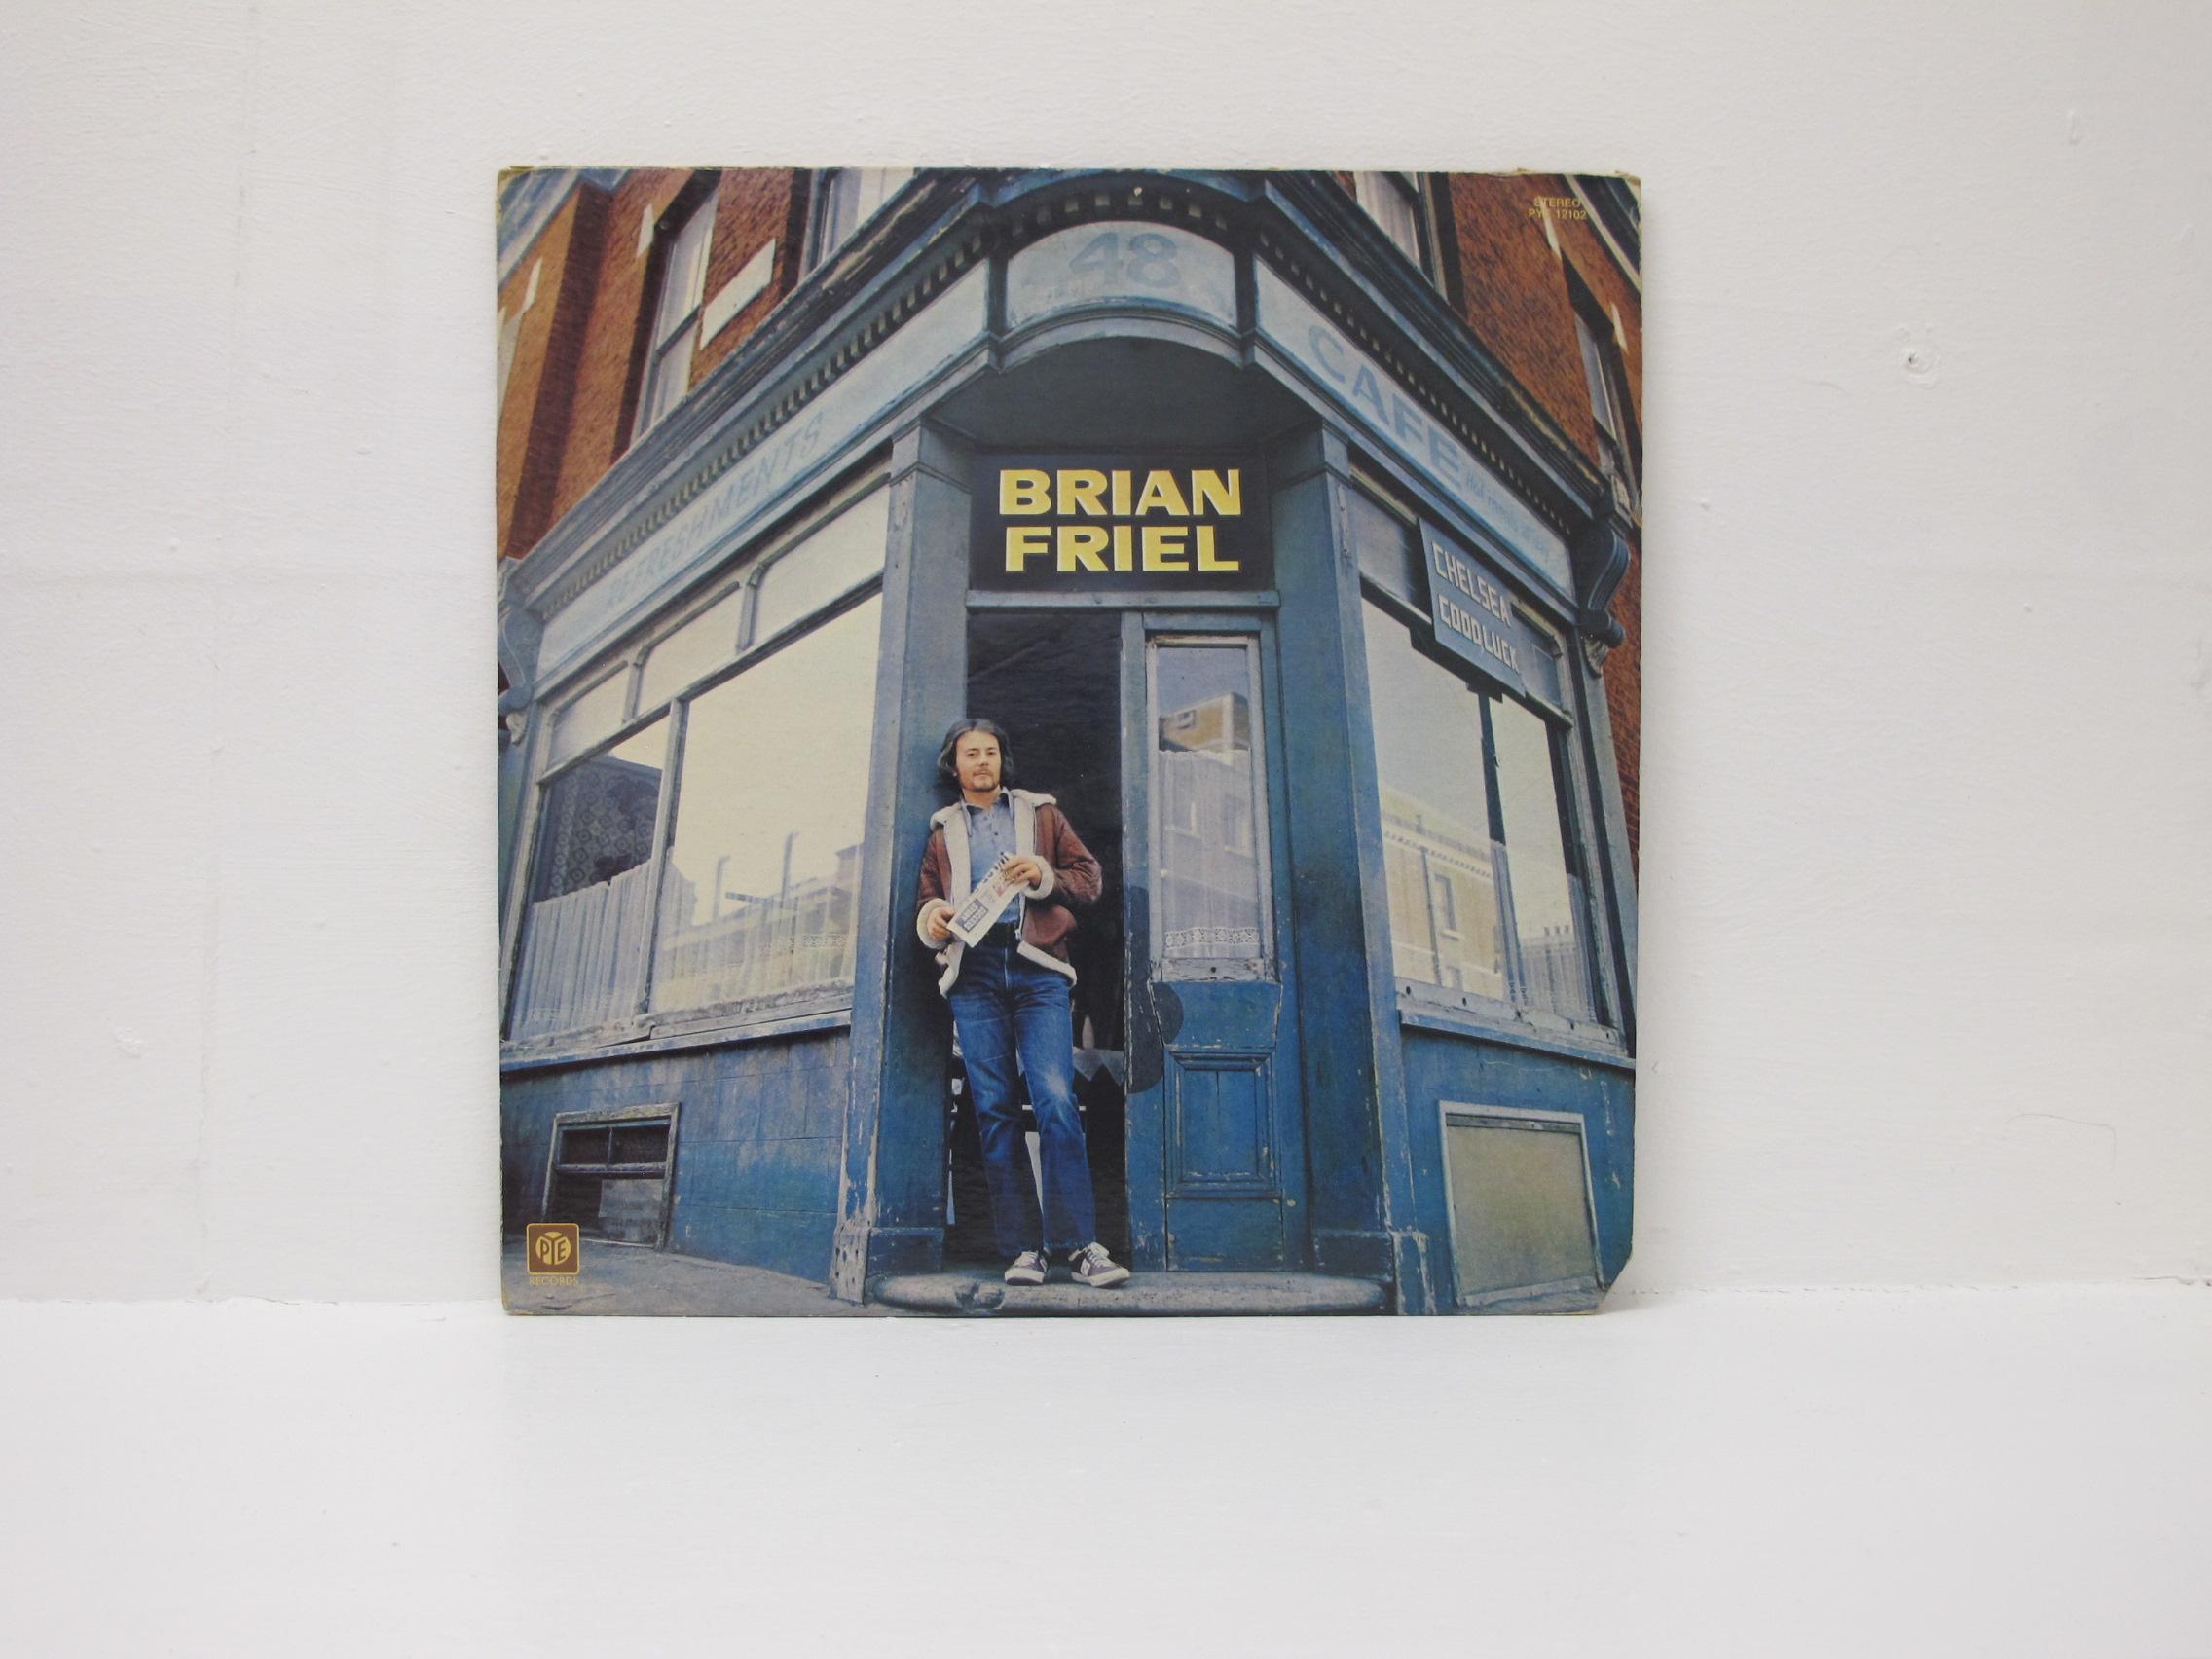 Brian Friel - Brian Friel